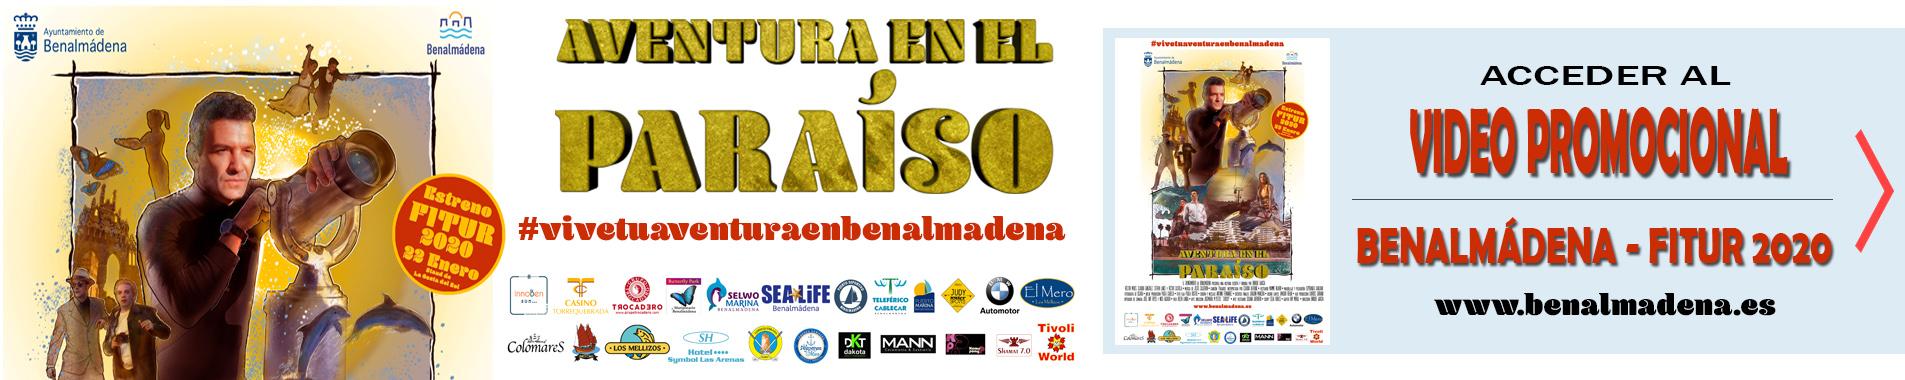 Aventura en el Paraíso - Benalmádena en Fitur 2020